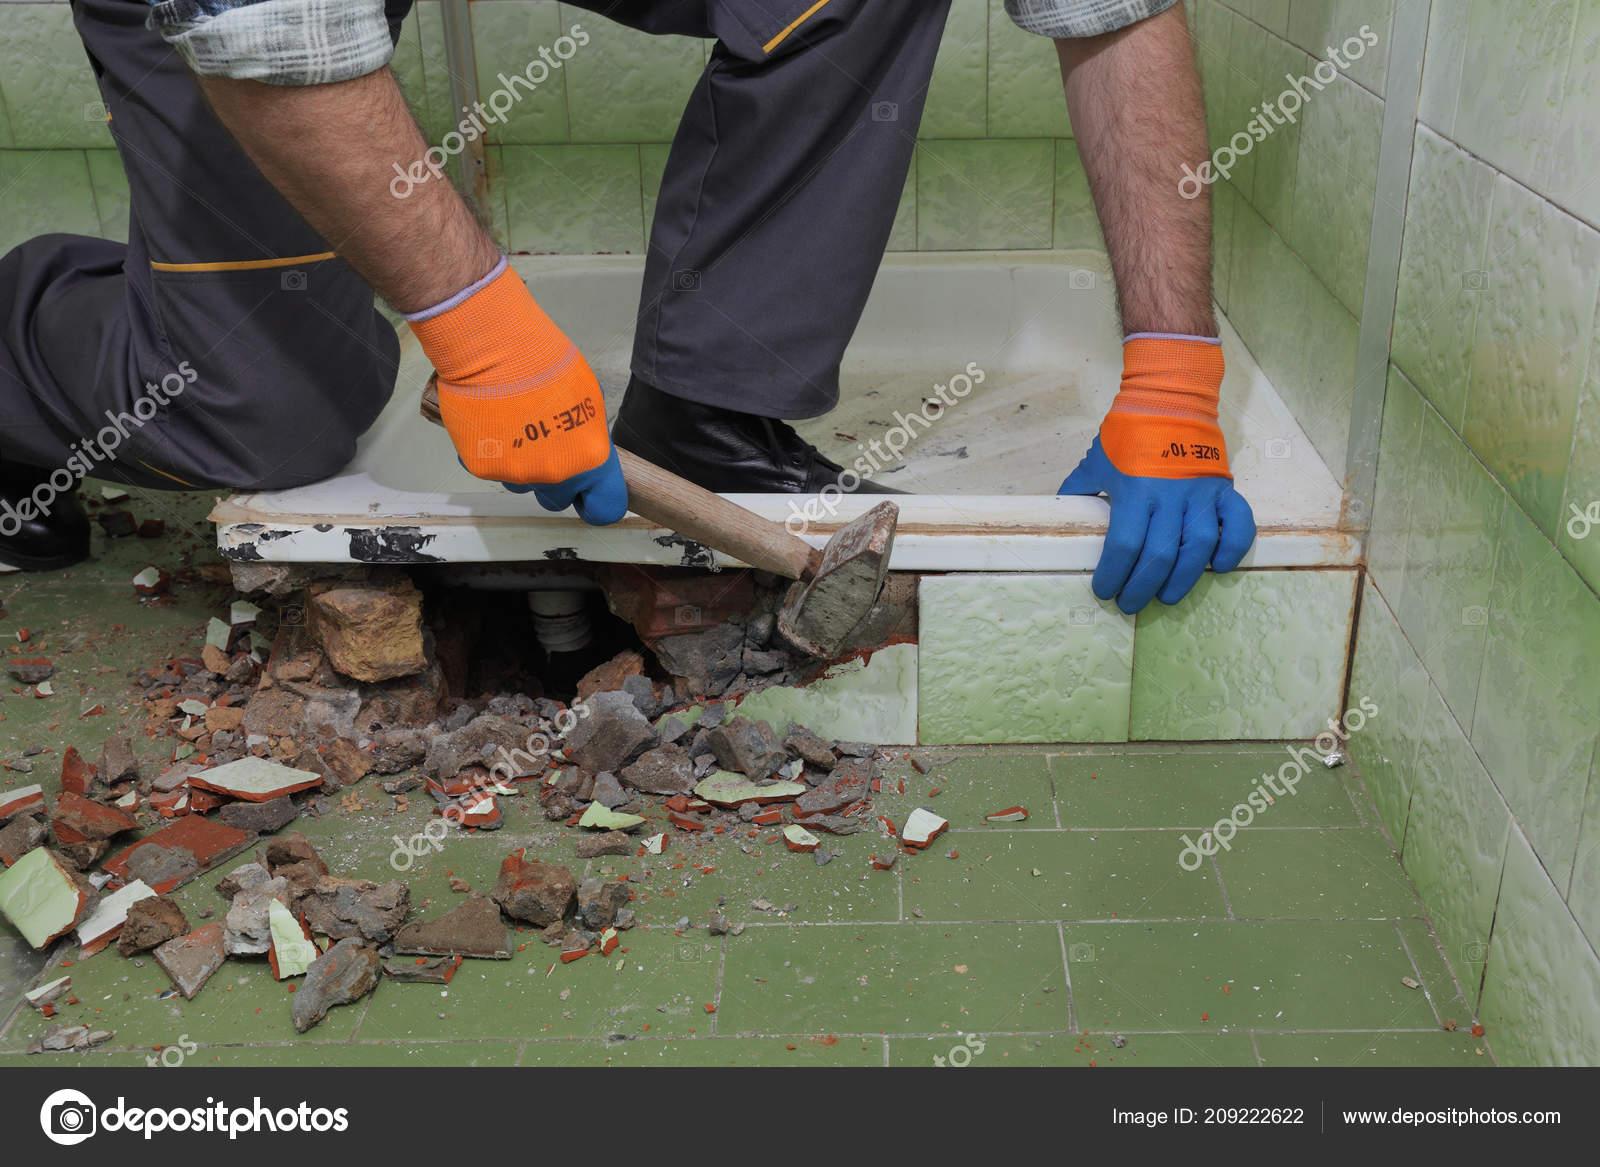 Tegels Badkamer Verwijderen : Werknemer verwijderen slopen oude bad tegels met hamer een badkamer